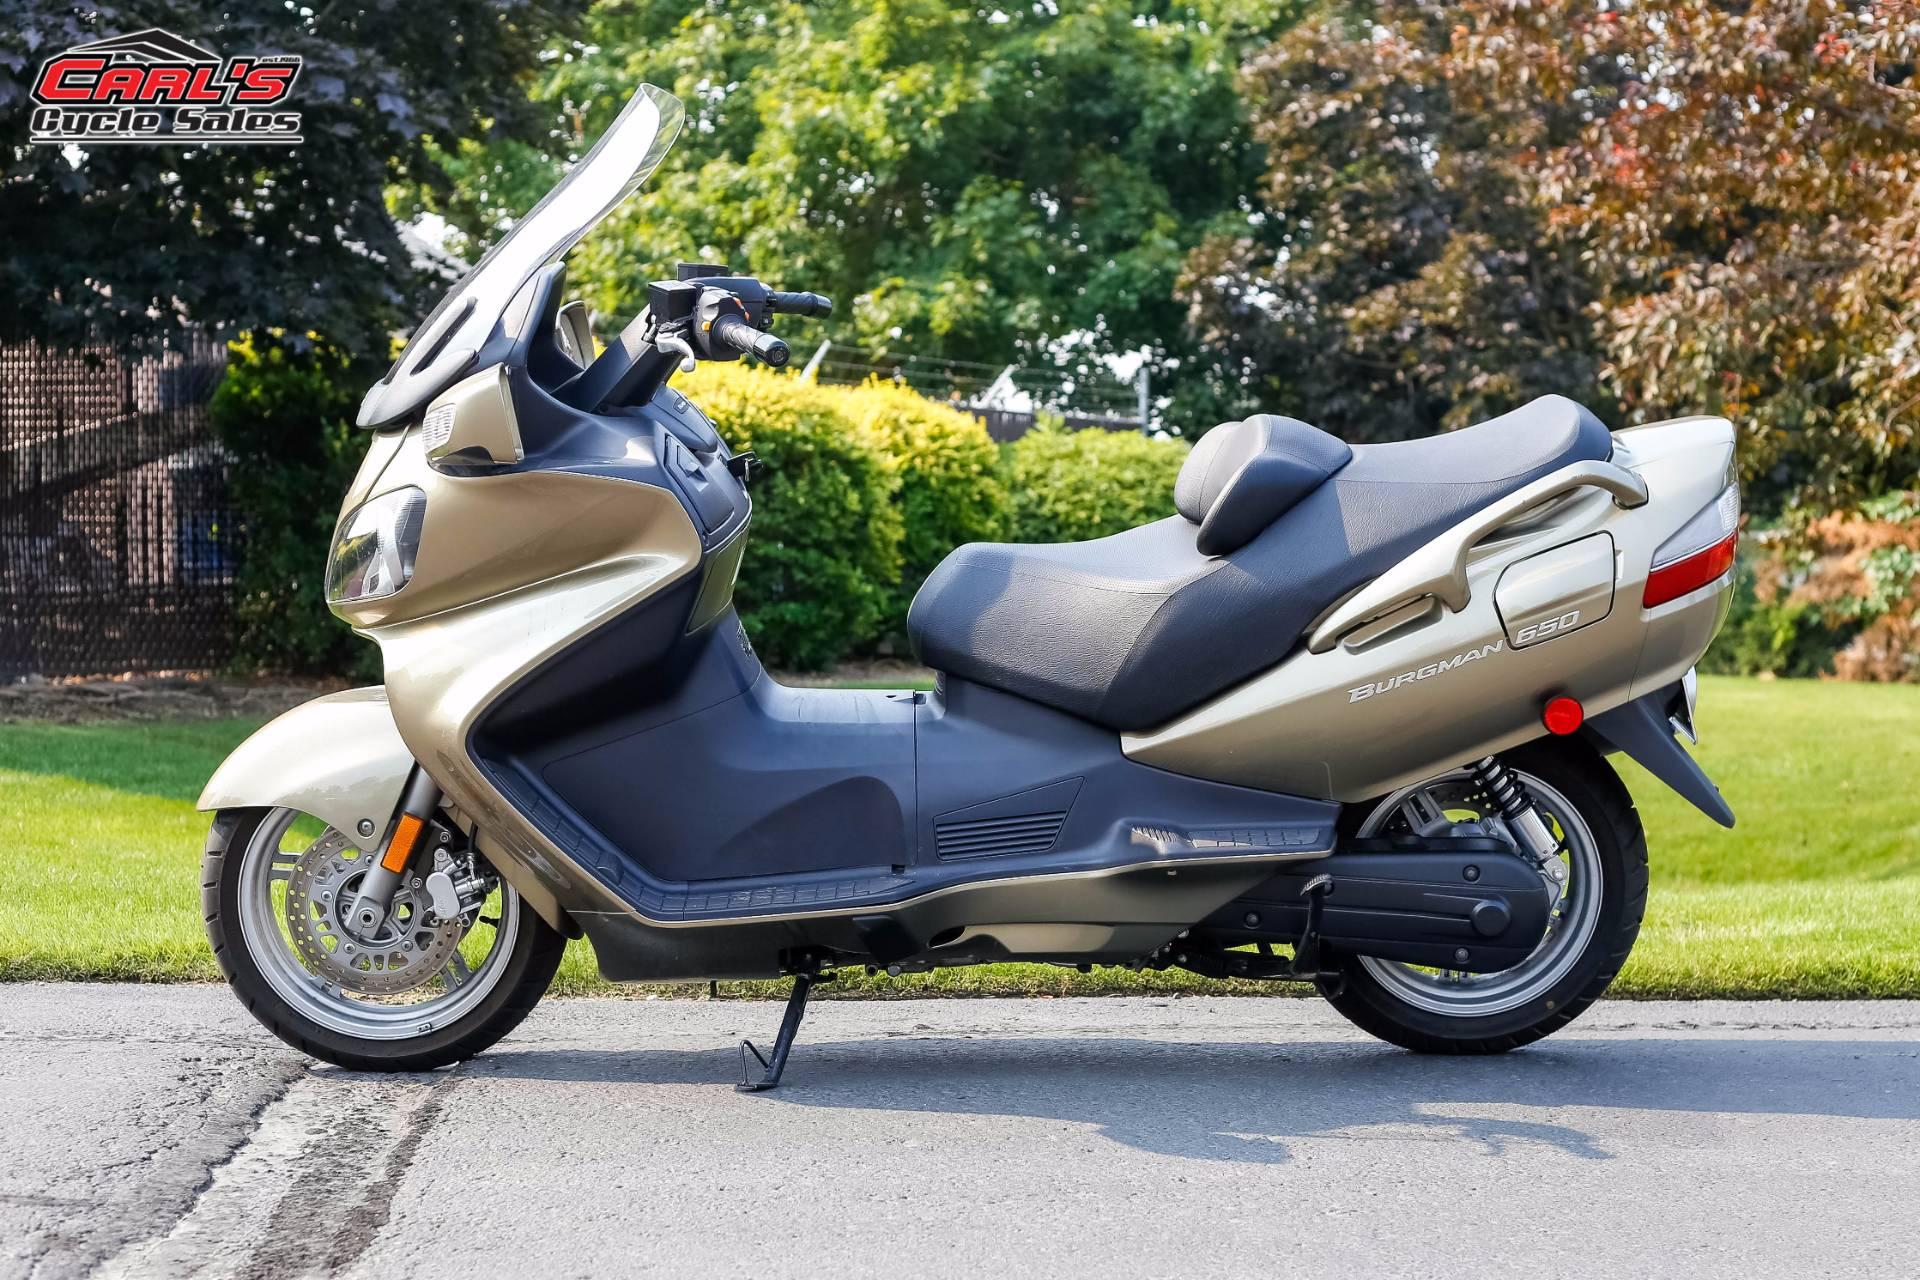 2008 Burgman 650